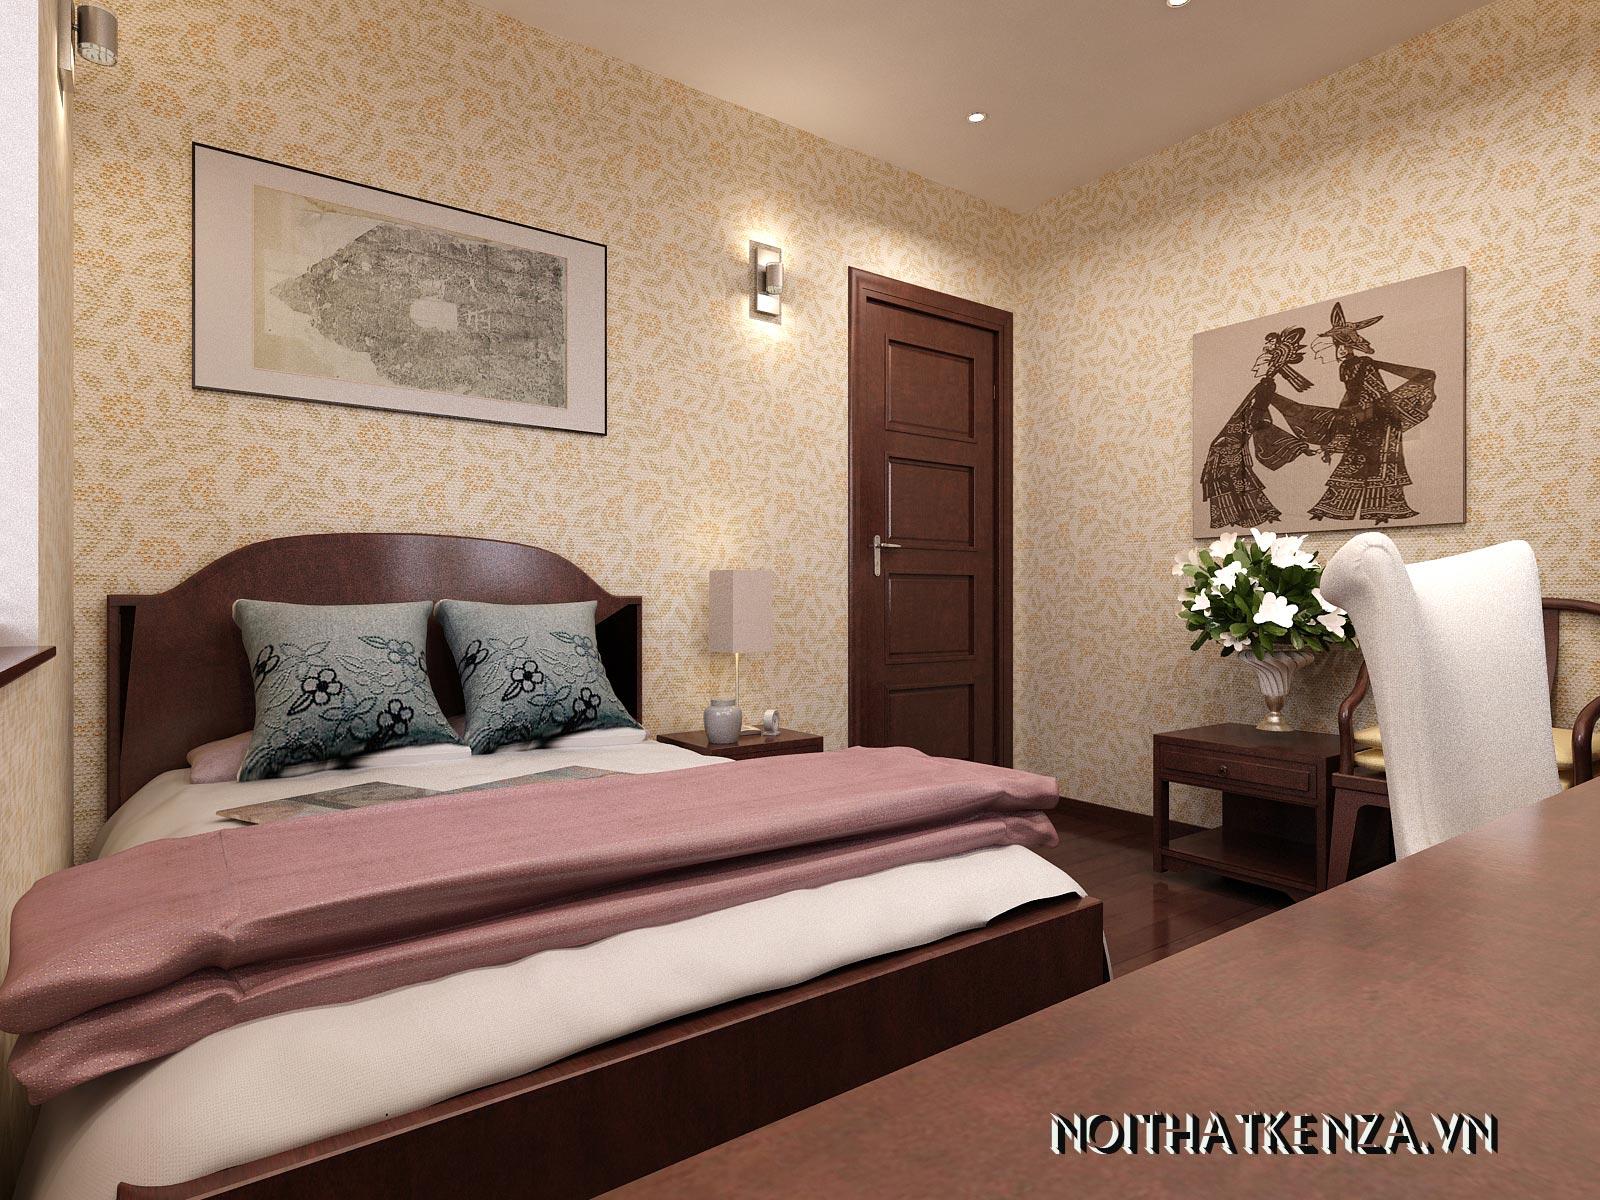 nội thất chung cư 12